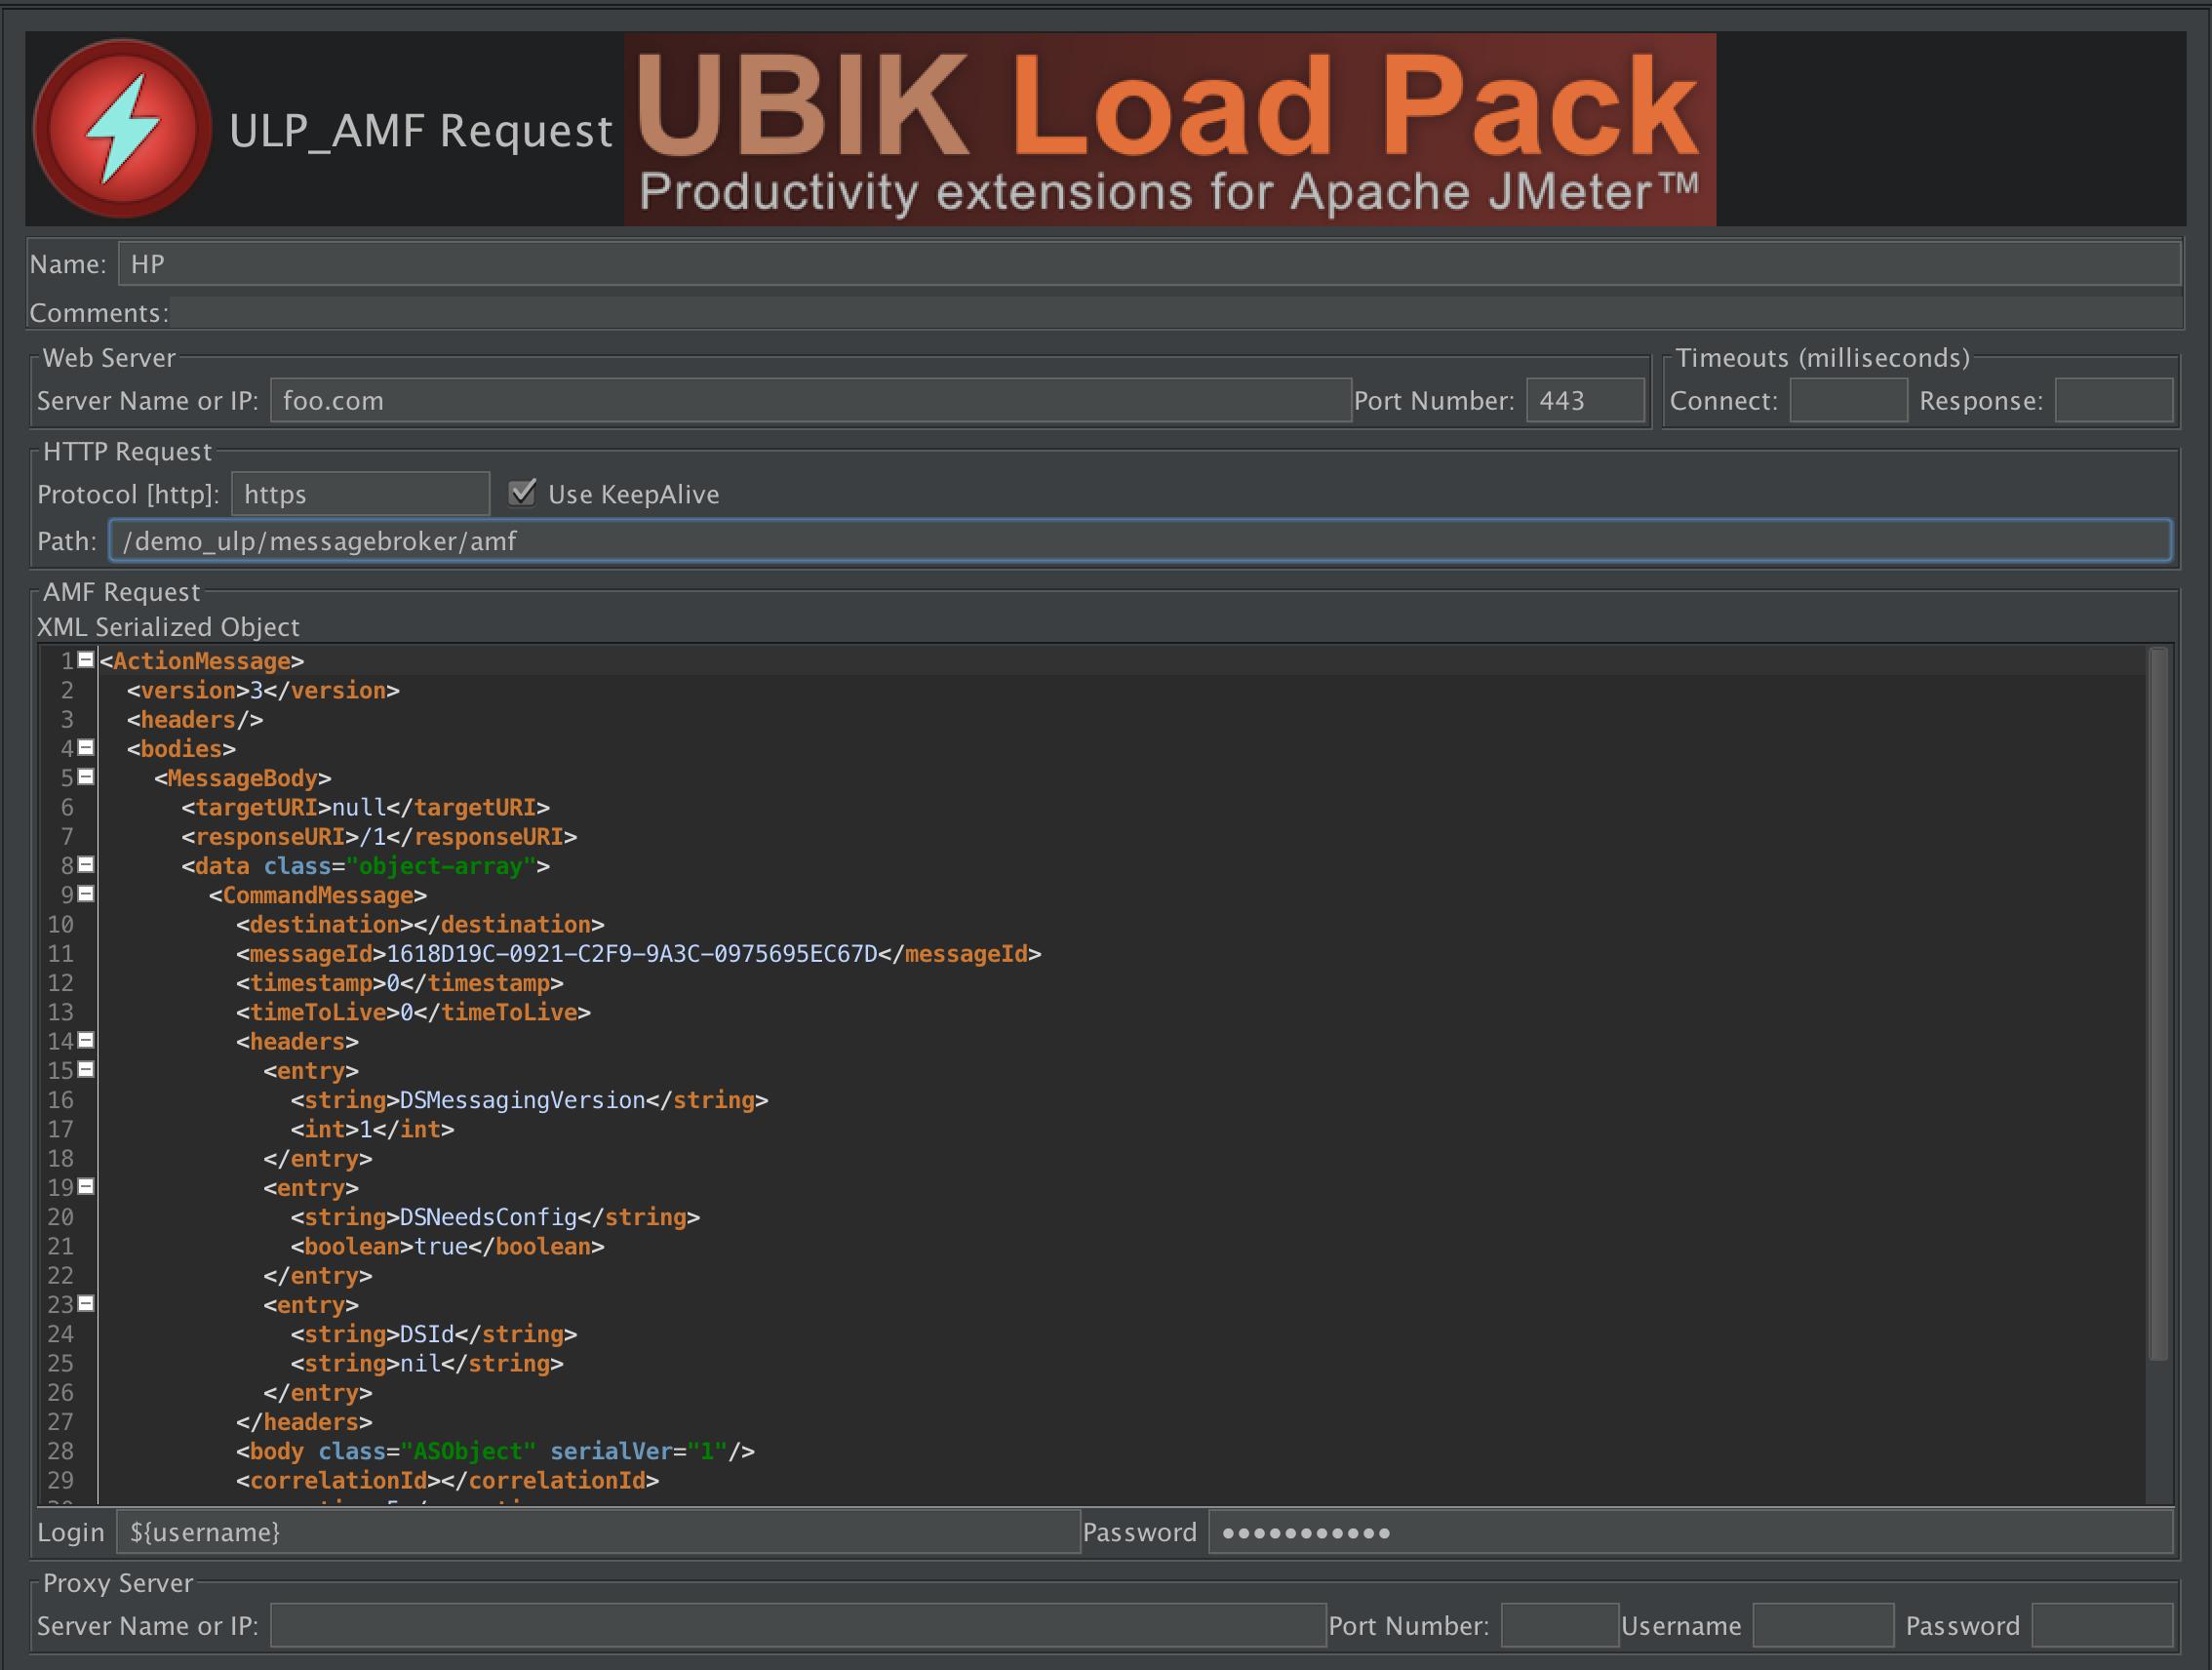 UbikLoadPack Flex Sampler